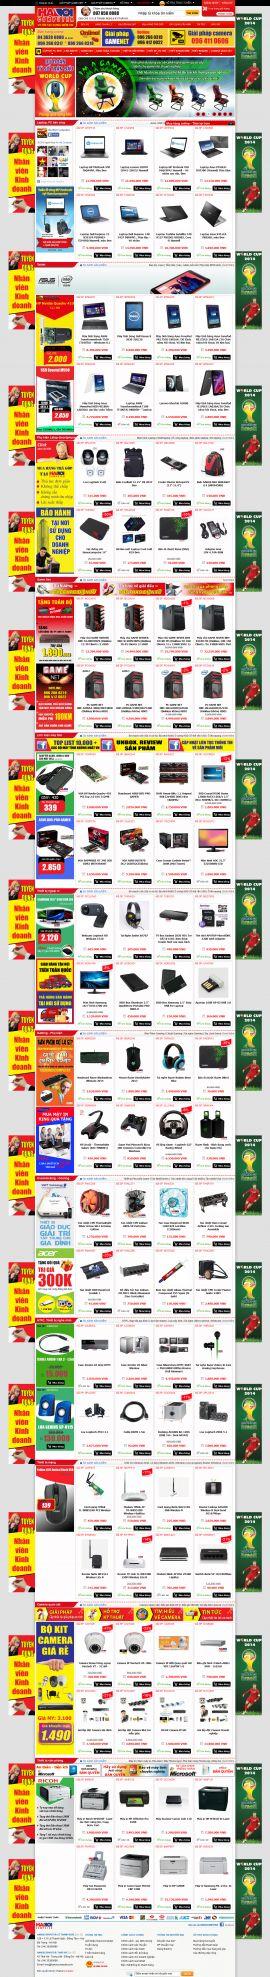 Mẫu website bán hàng điện tử 10200